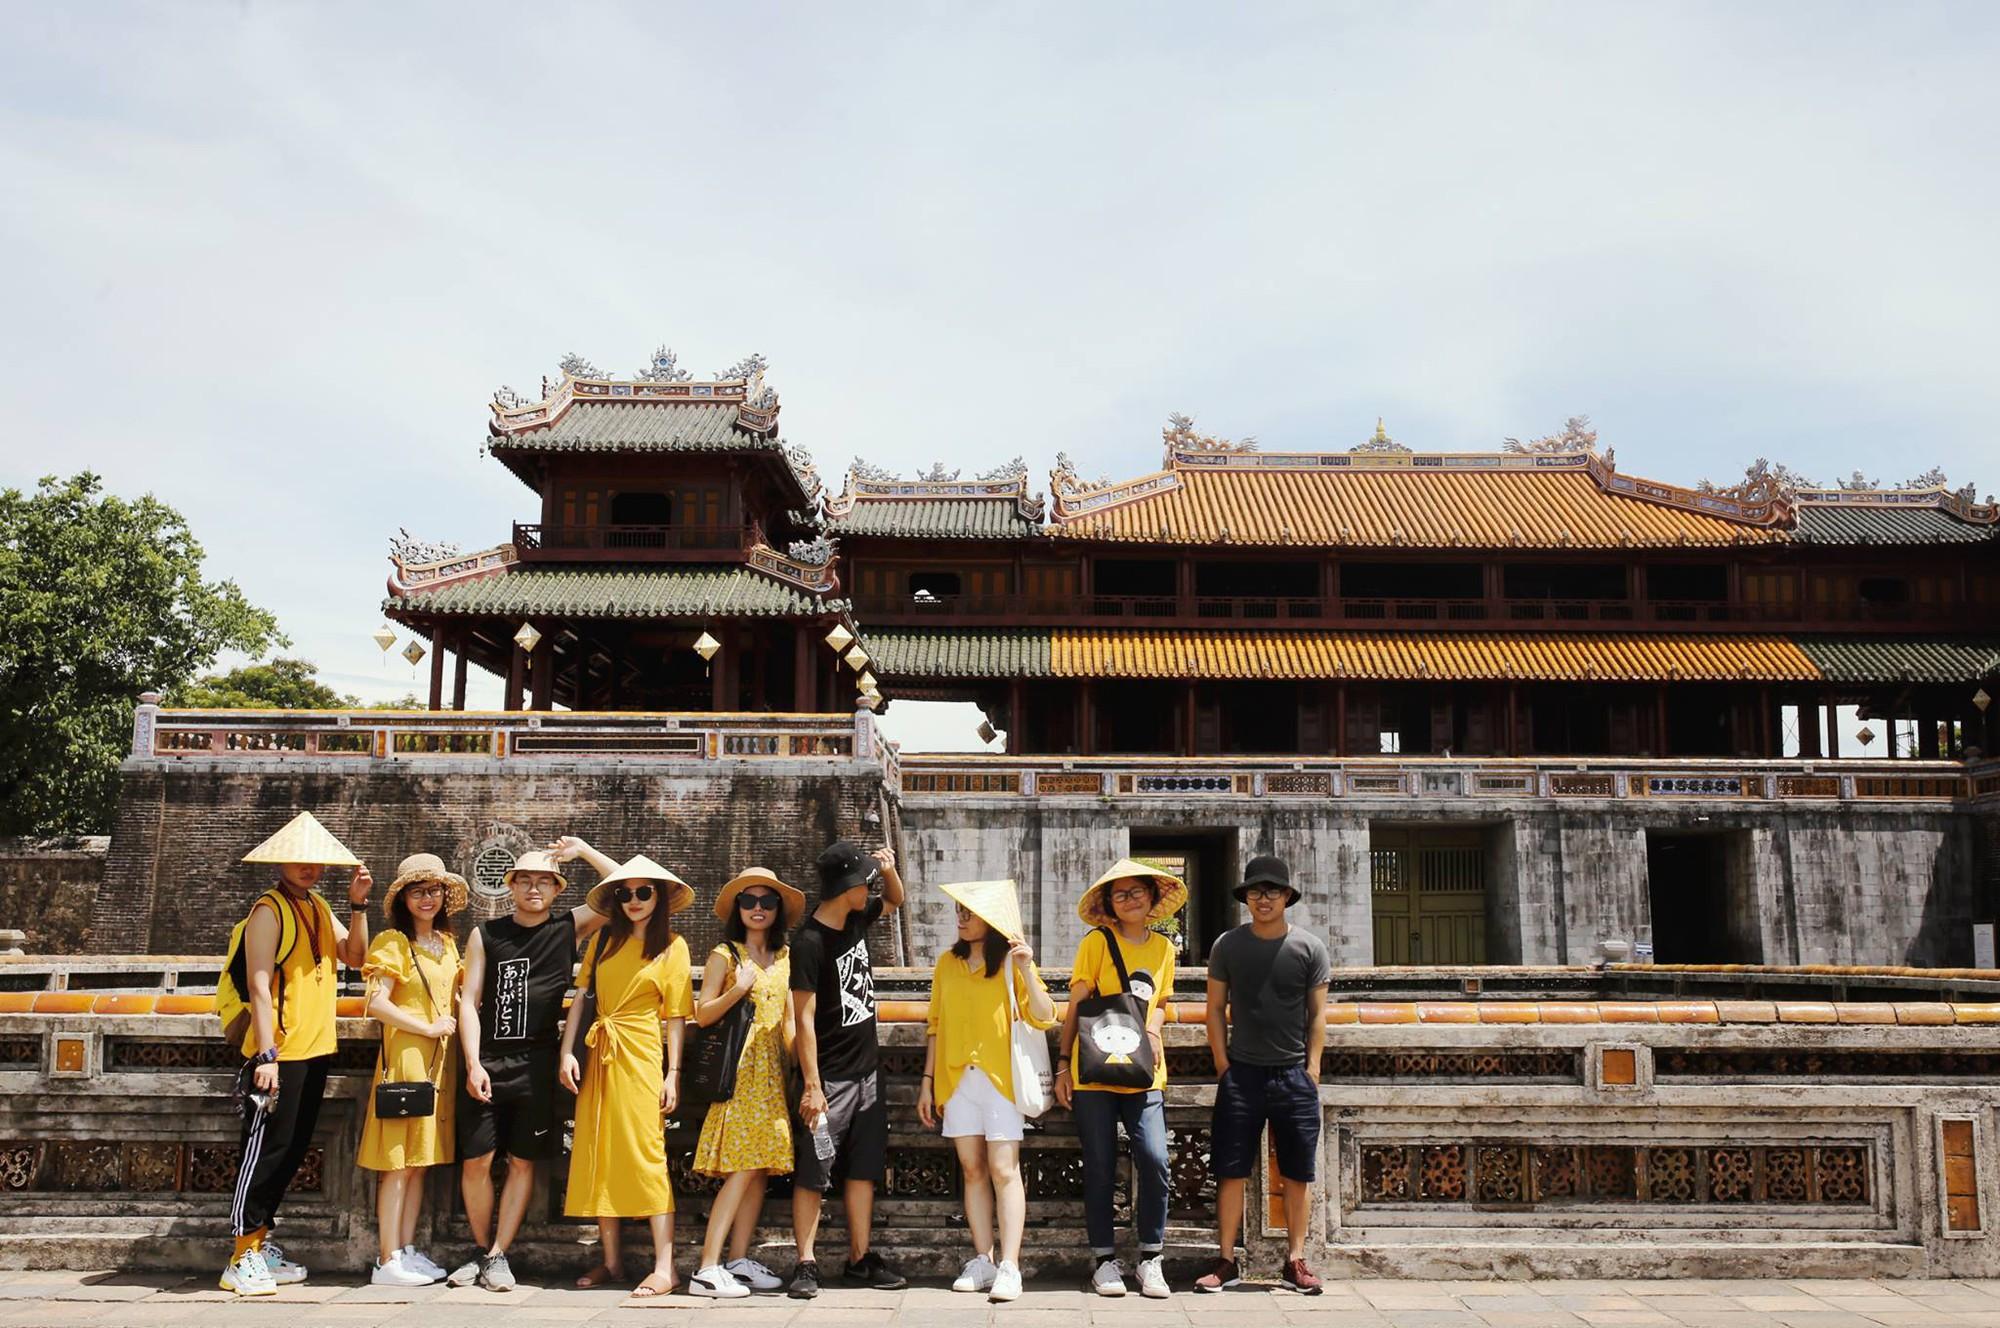 10 địa danh Hot nhất Việt Nam, bạn đã đặt chân đến bao nhiêu nơi? - Ảnh 5.